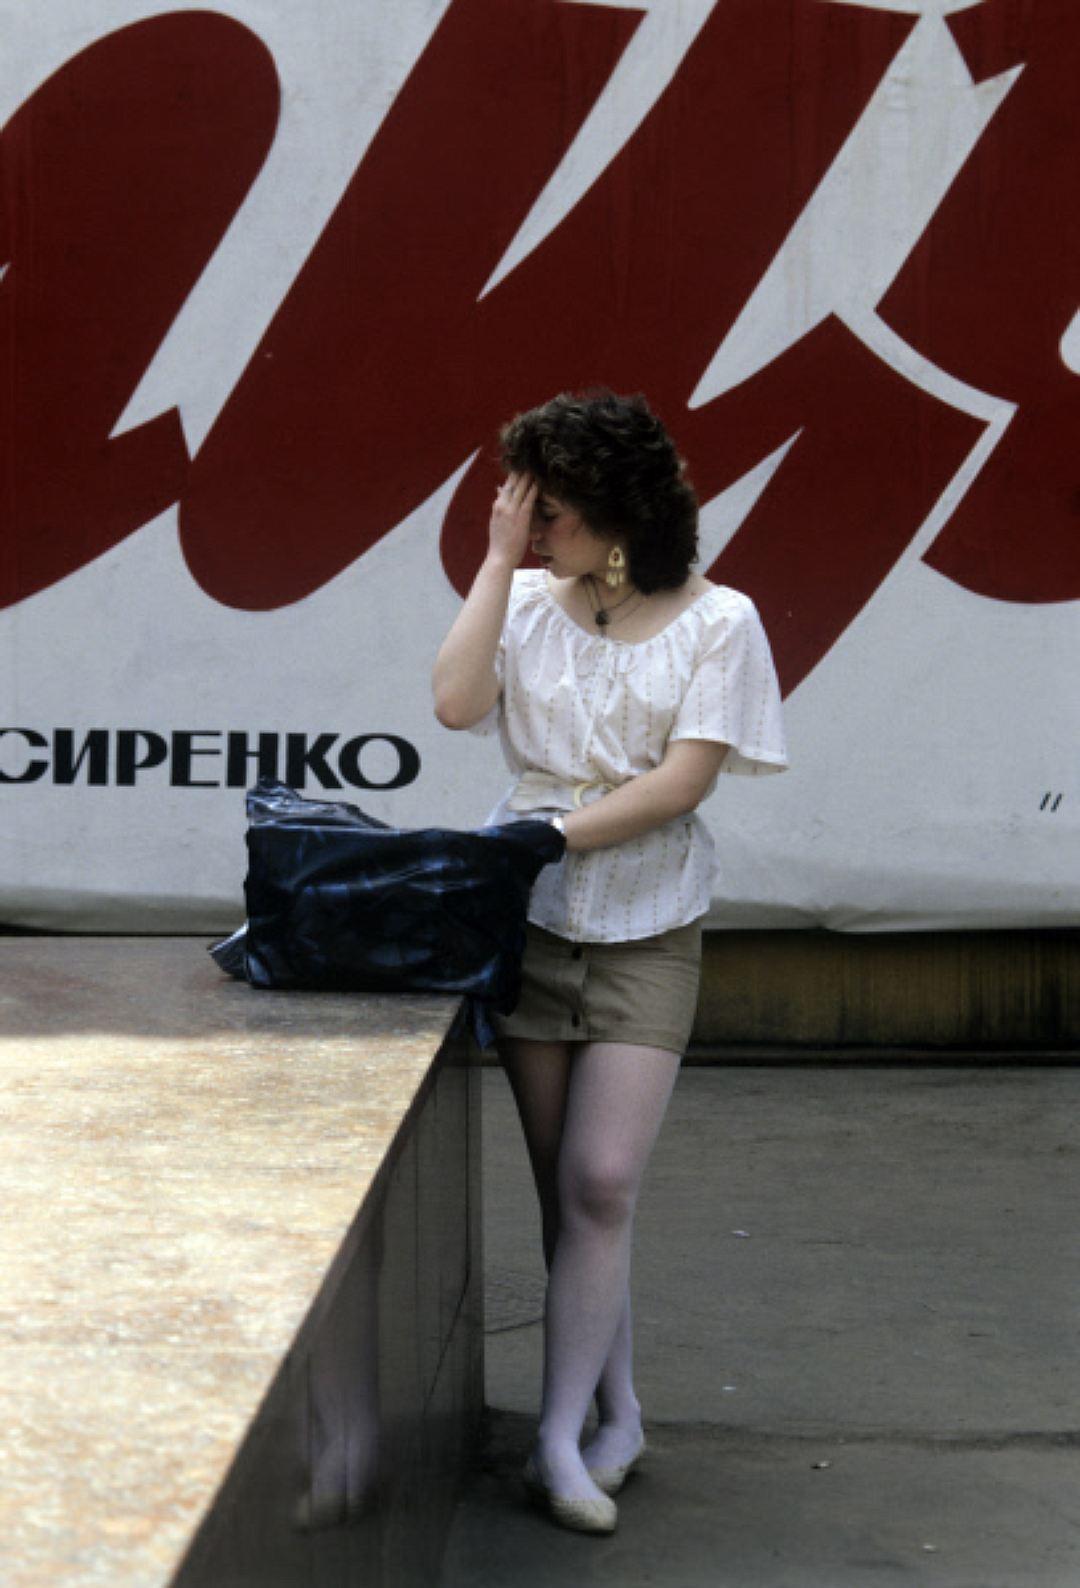 Танцы в лосинах и противогазе, смотреть самые лучшие лесби порно видео в мире